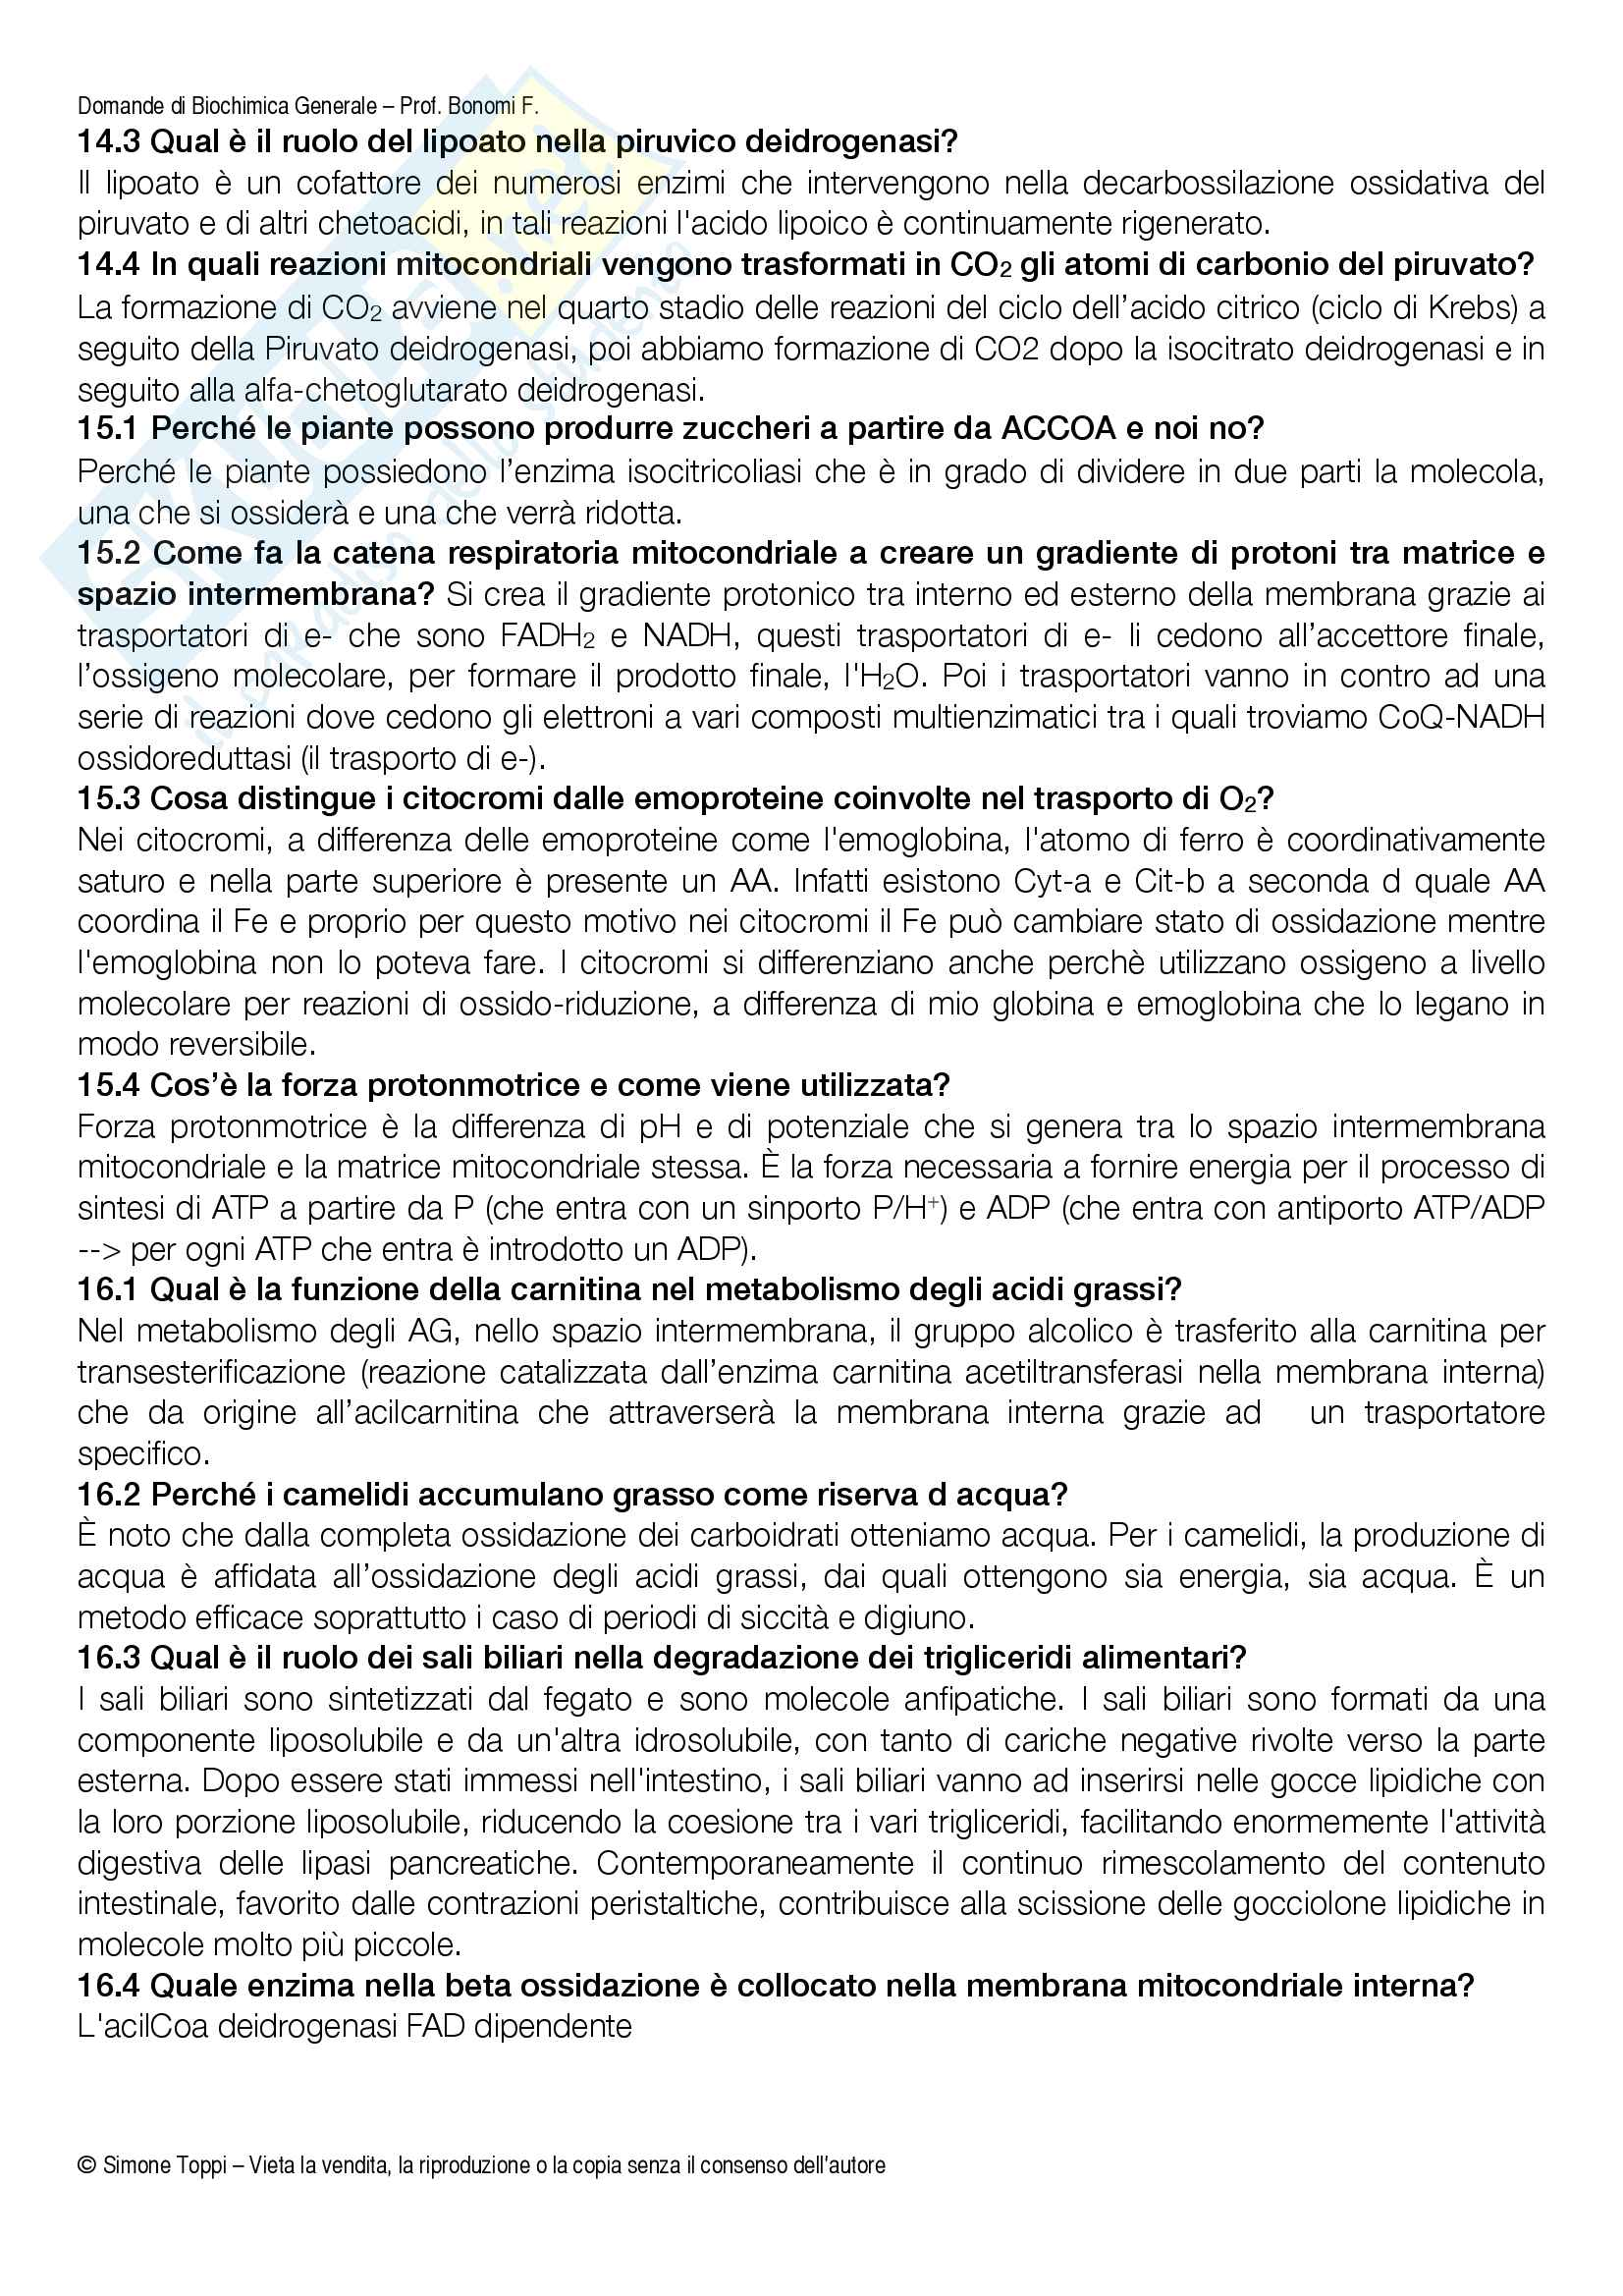 Domande Biochimica Generale e Alimentare (Mod. 1 e 2) Pag. 6